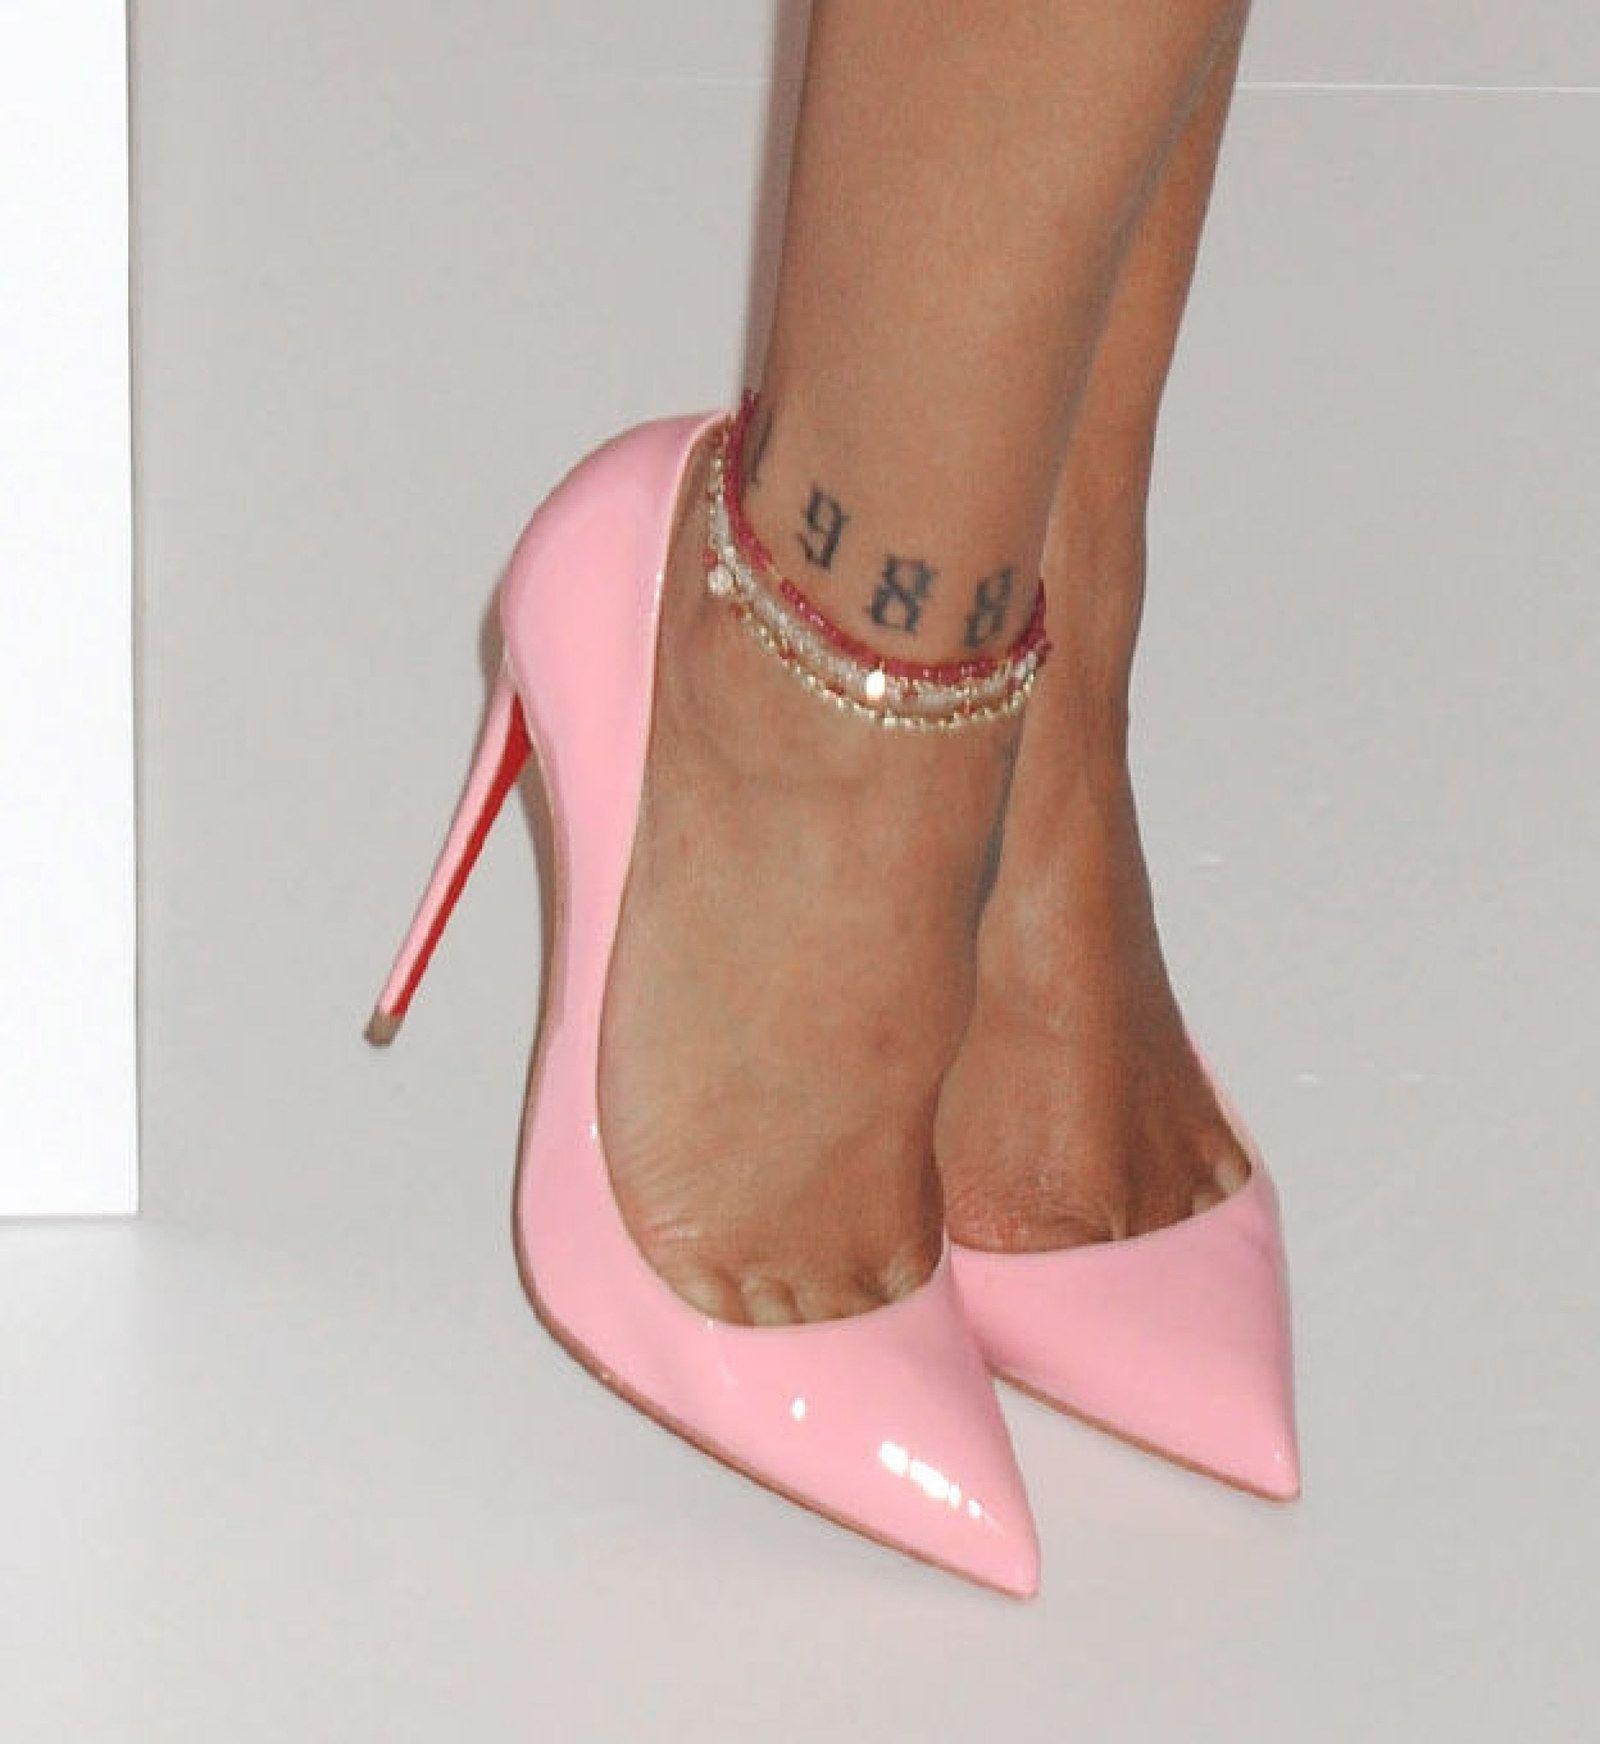 26 Tatuajes De Famosos Que Te Harán Decir Uy No Tenía Idea De Que Lo Tuviesen Heels Me Too Shoes Shoes